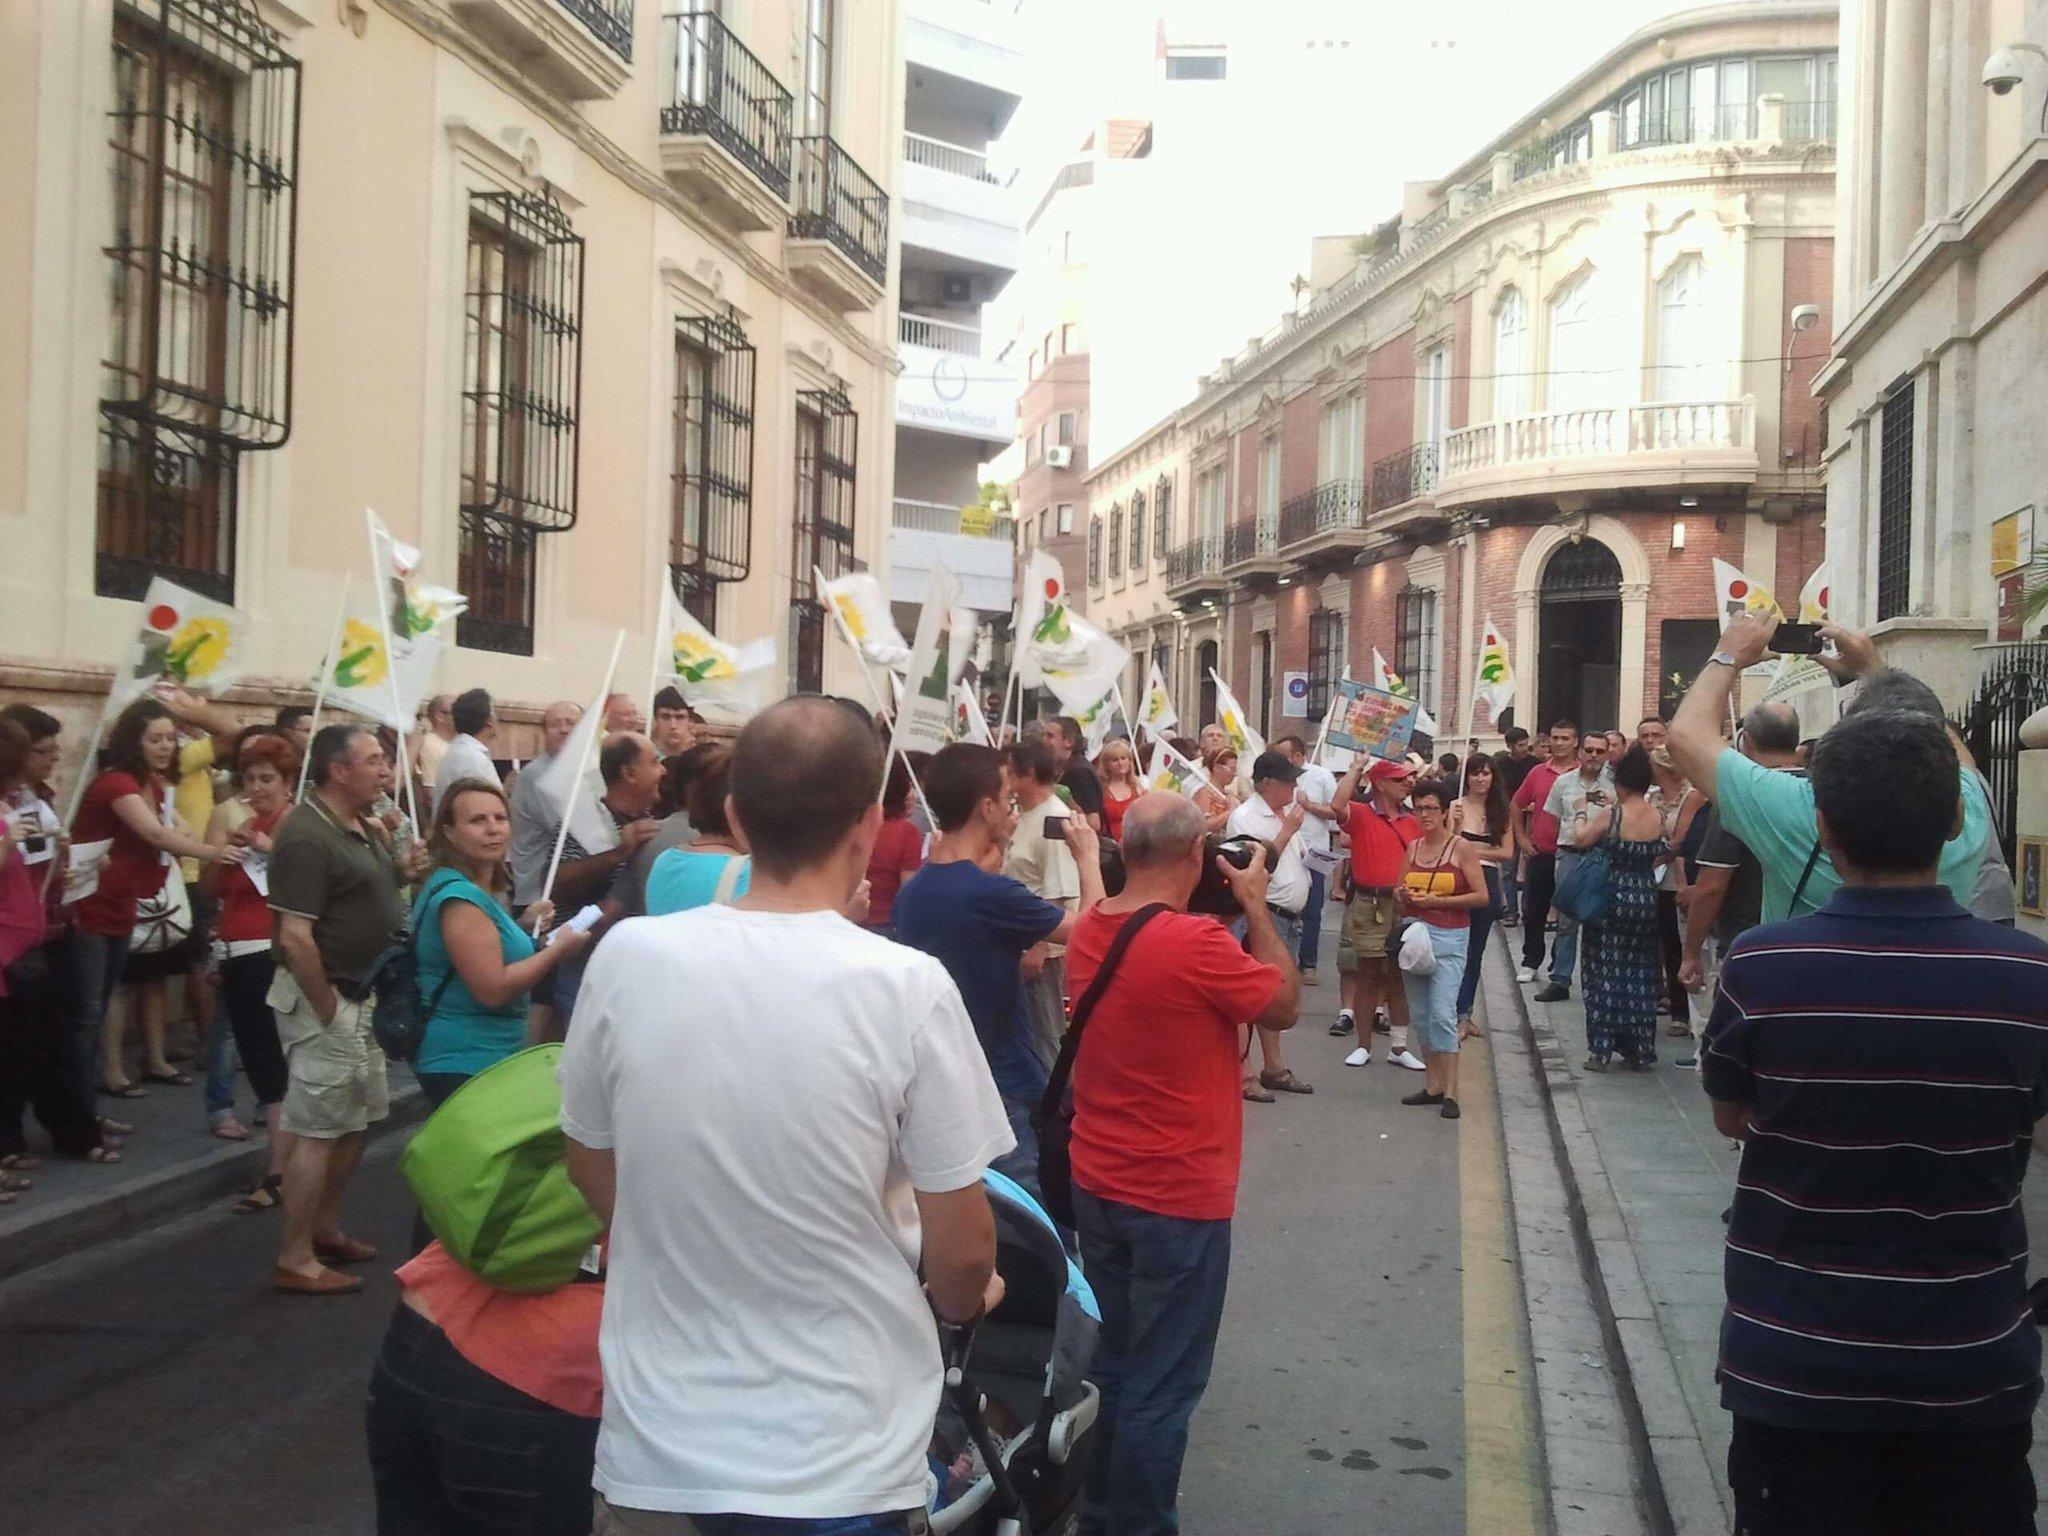 Unas 150 personas en la sede de la subdelegacion de gob d #almeria Estamos hartoss!! http://t.co/Vt3fUdRM